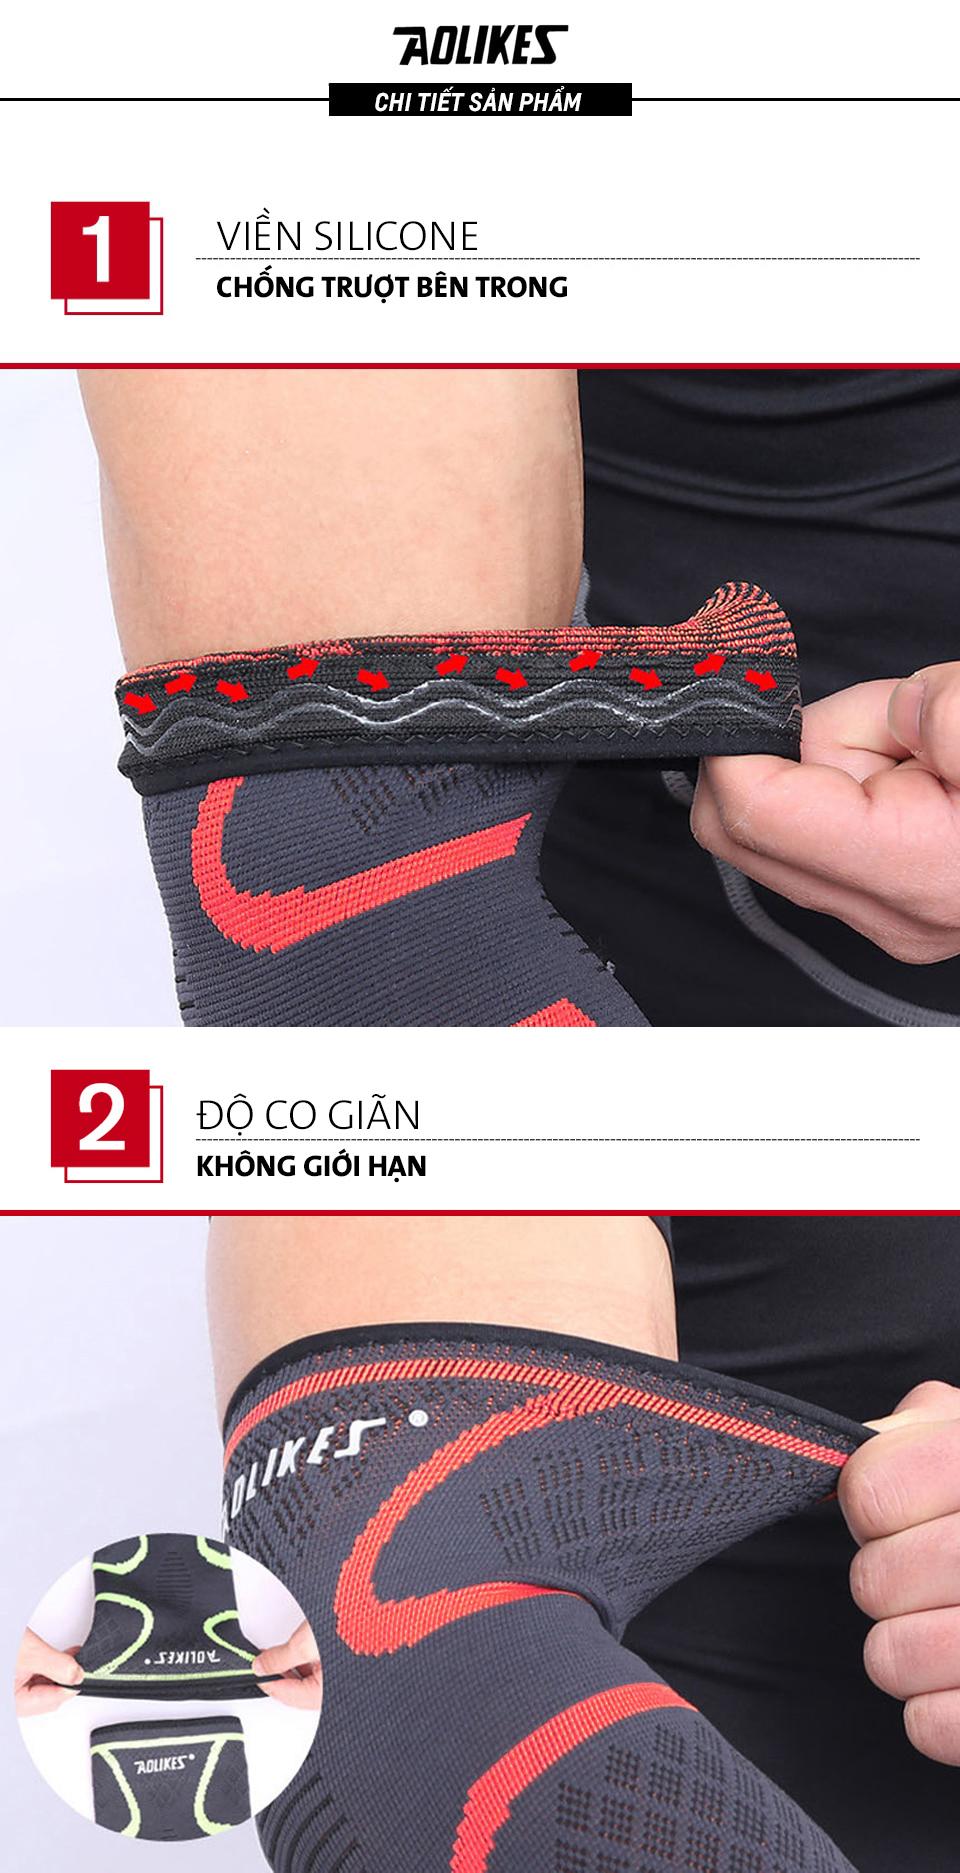 Điểm nổi bật của sản phẩm bảo vệ khuỷu tay được người dùng yêu thích